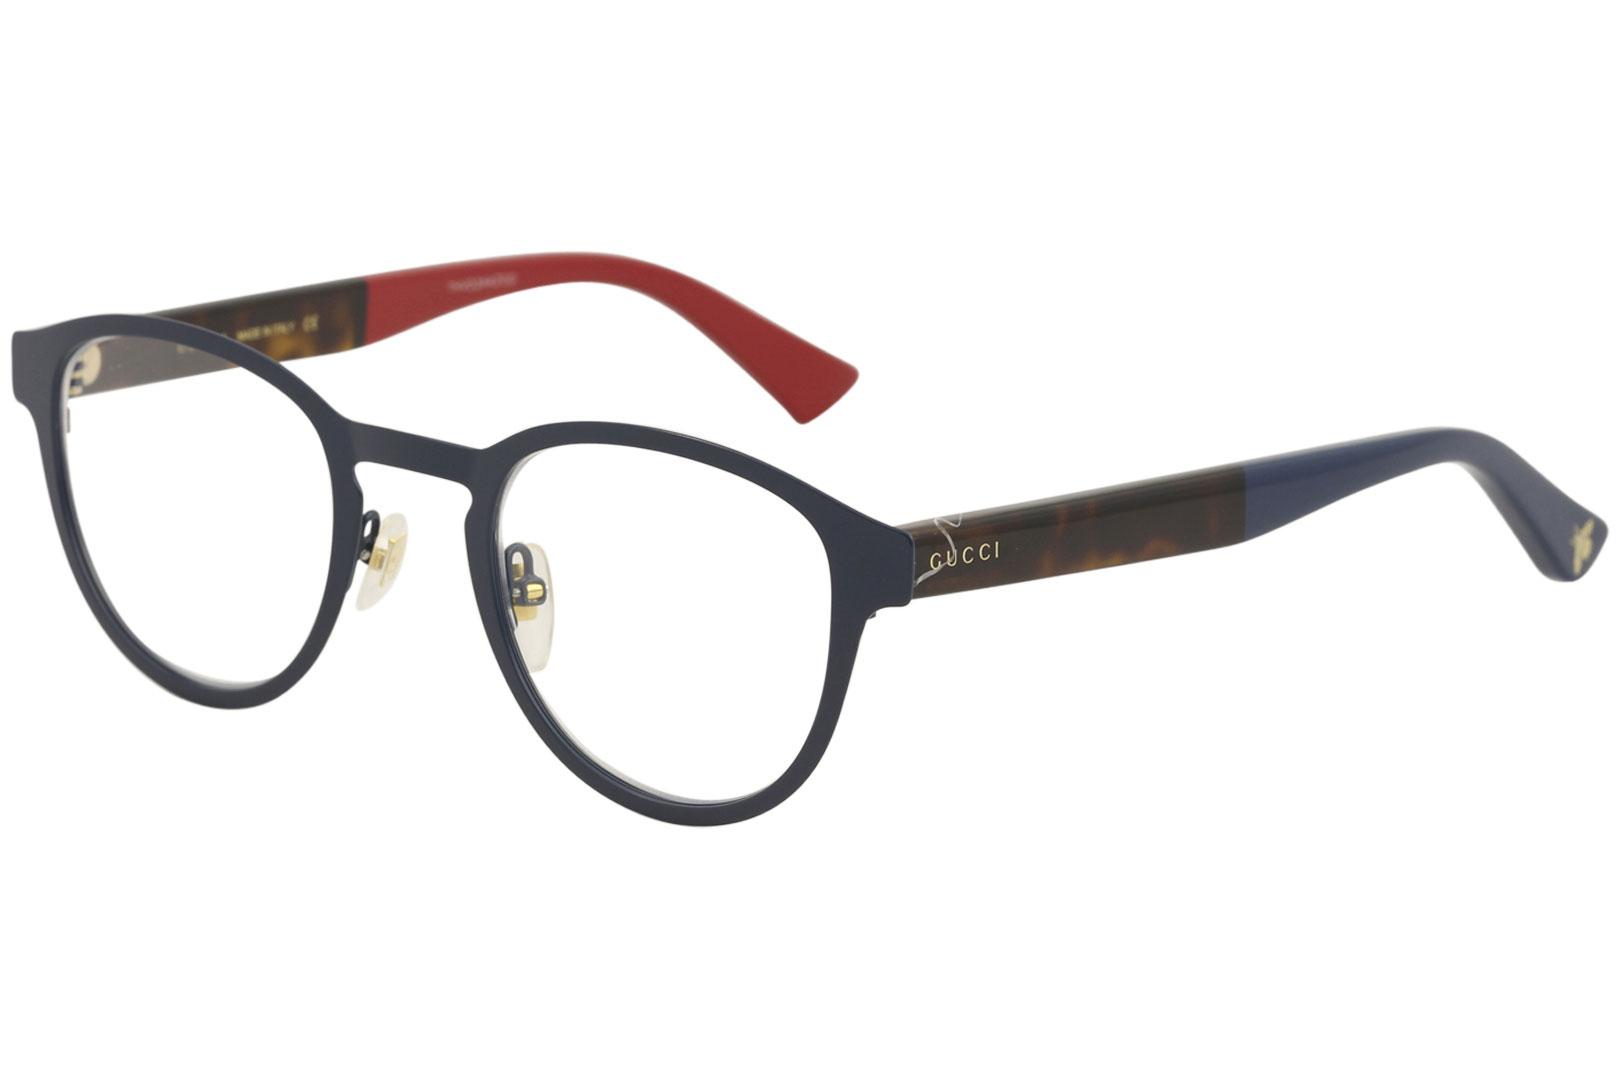 d138f52e15a Gucci Men s Eyeglasses GG0161O GG 0161 O 003 Blue Havana Optical ...